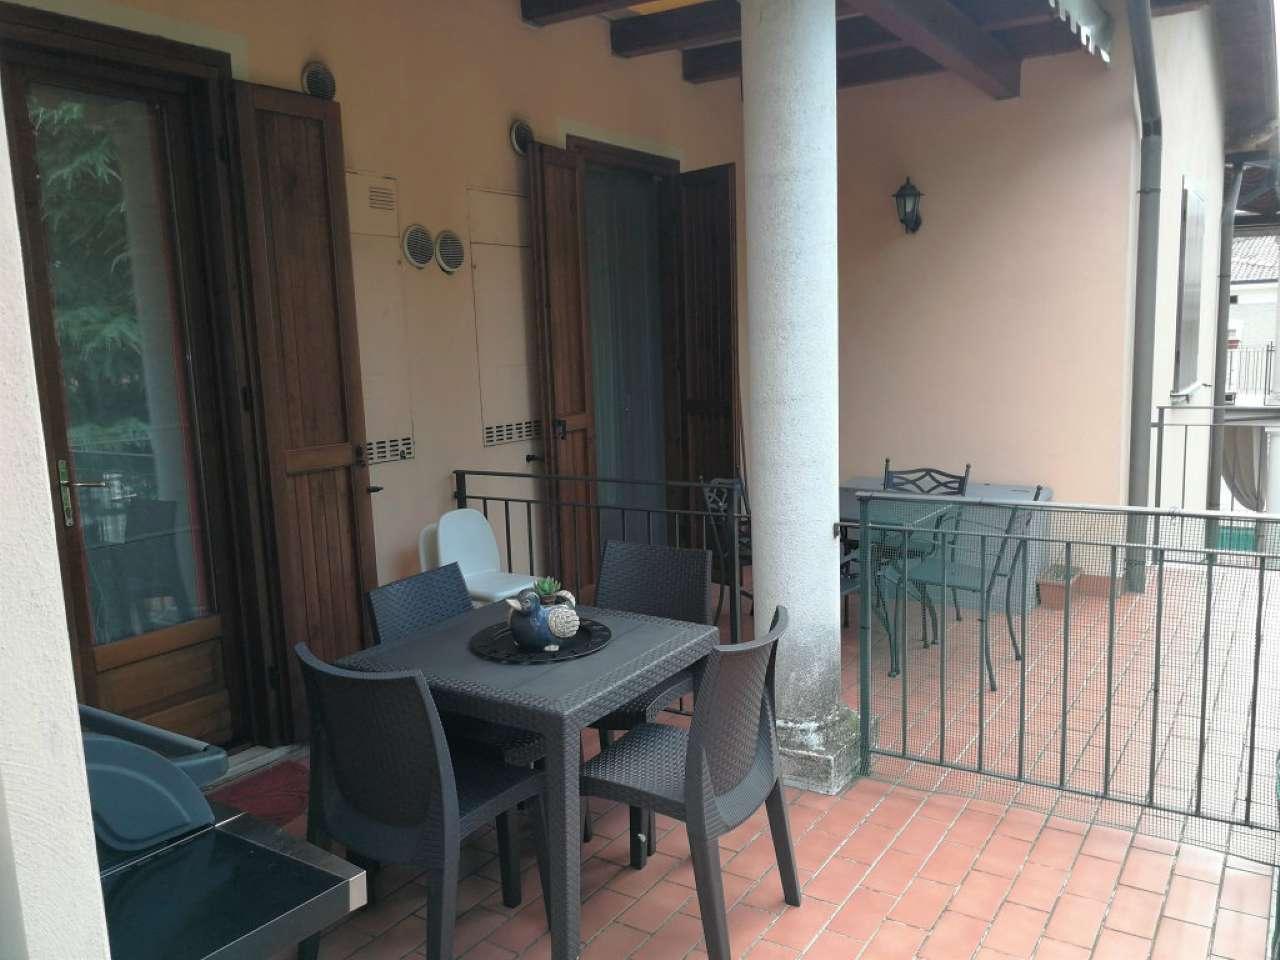 Appartamento in vendita a Torbole Casaglia, 3 locali, prezzo € 130.000 | CambioCasa.it